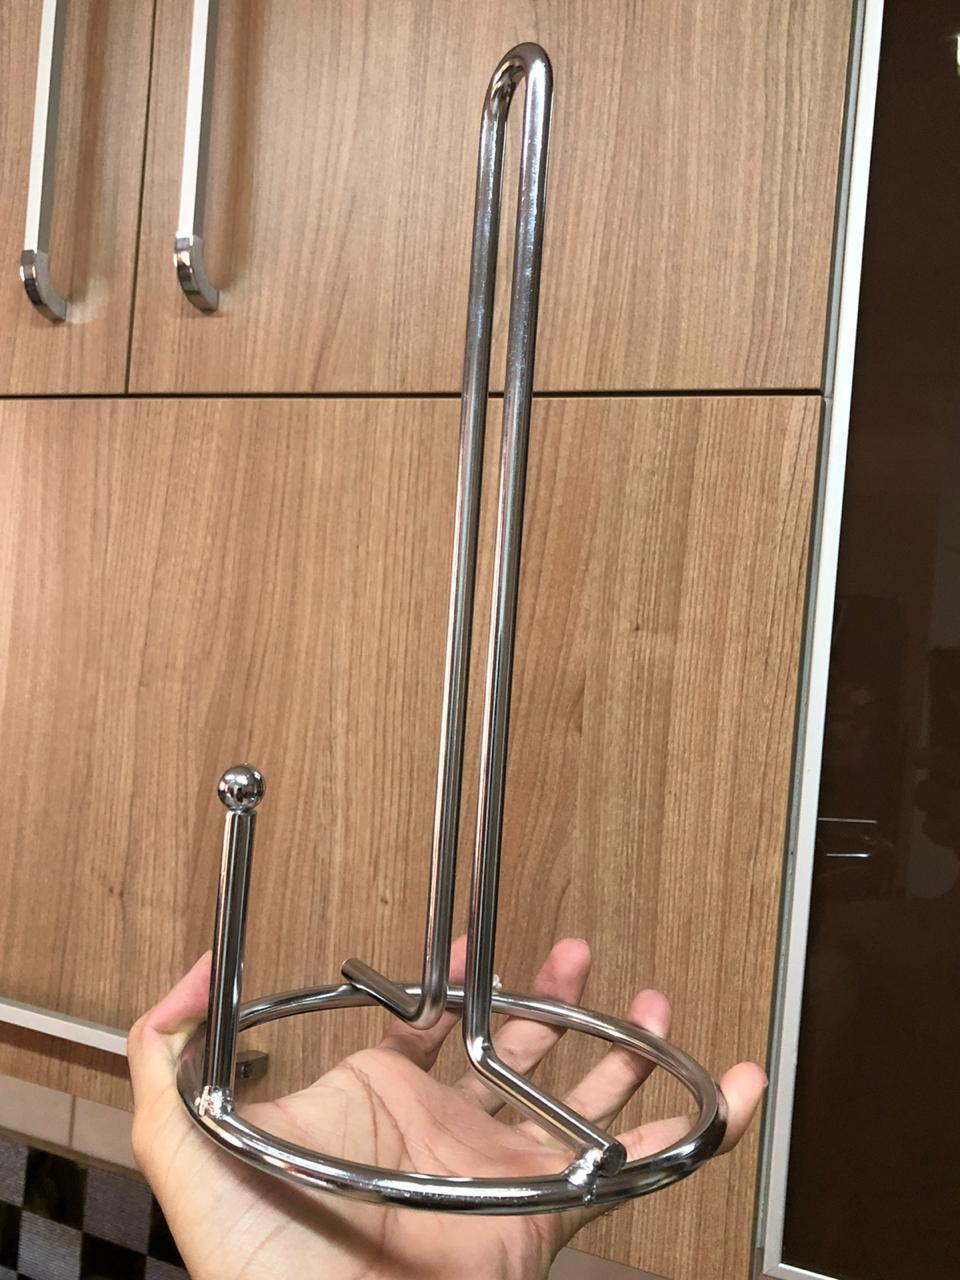 suporte para rolo papel toalha mesa cozinha vertical aço inox